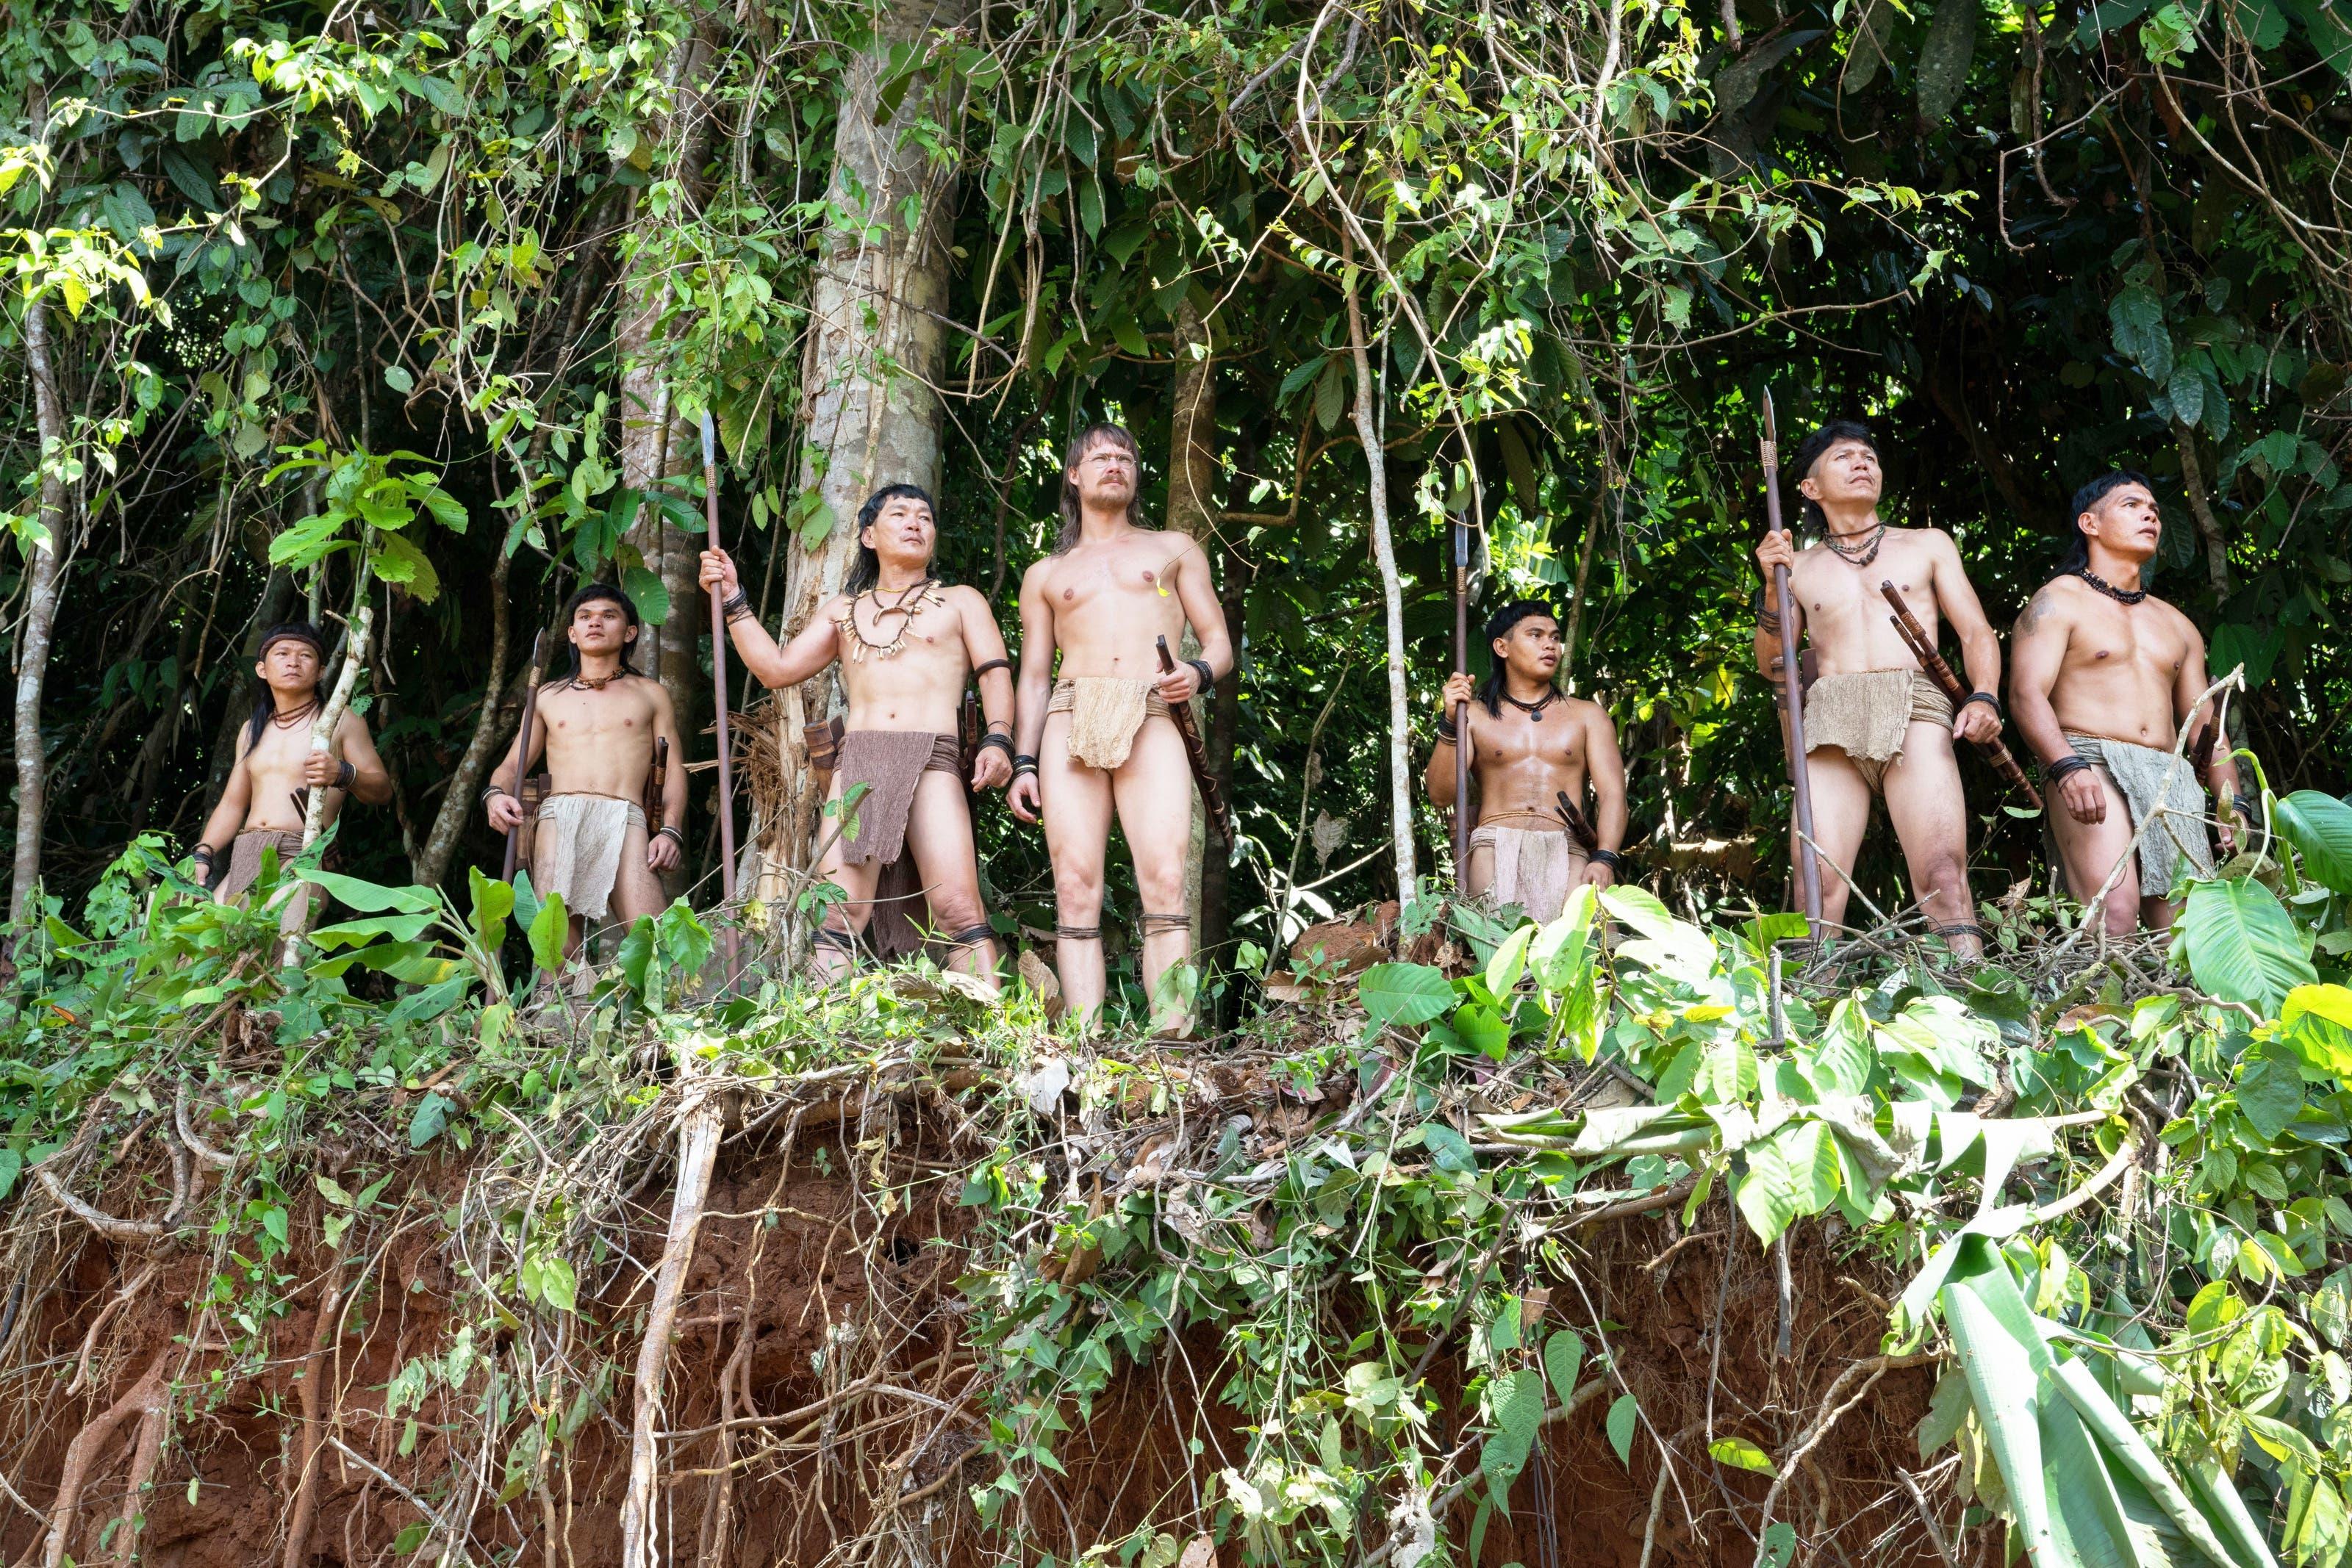 Nackt regenwald frauen Naked Survival